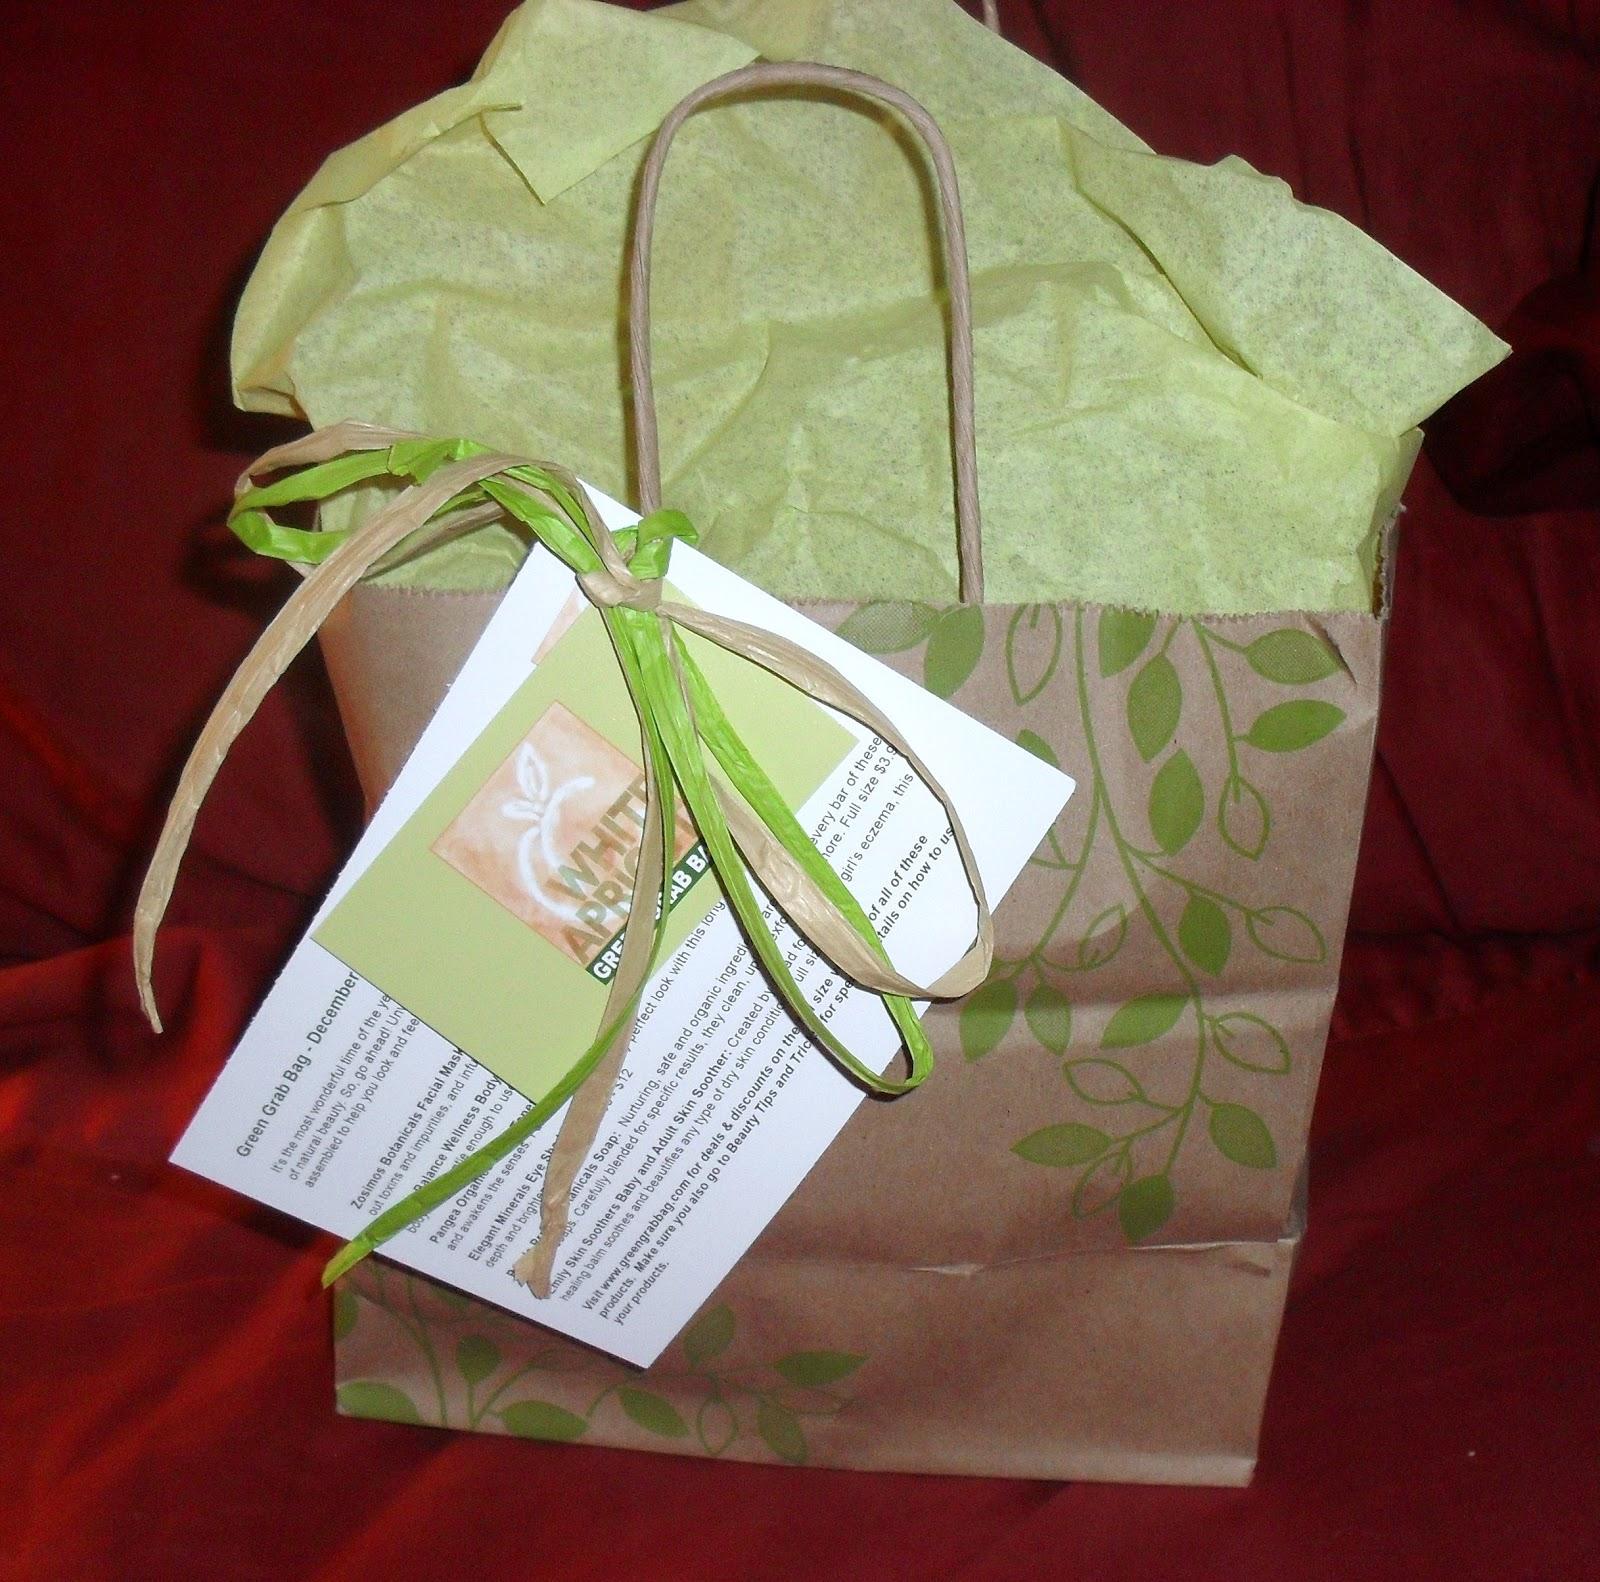 Review of Green Grab Bag Natural Beauty Box